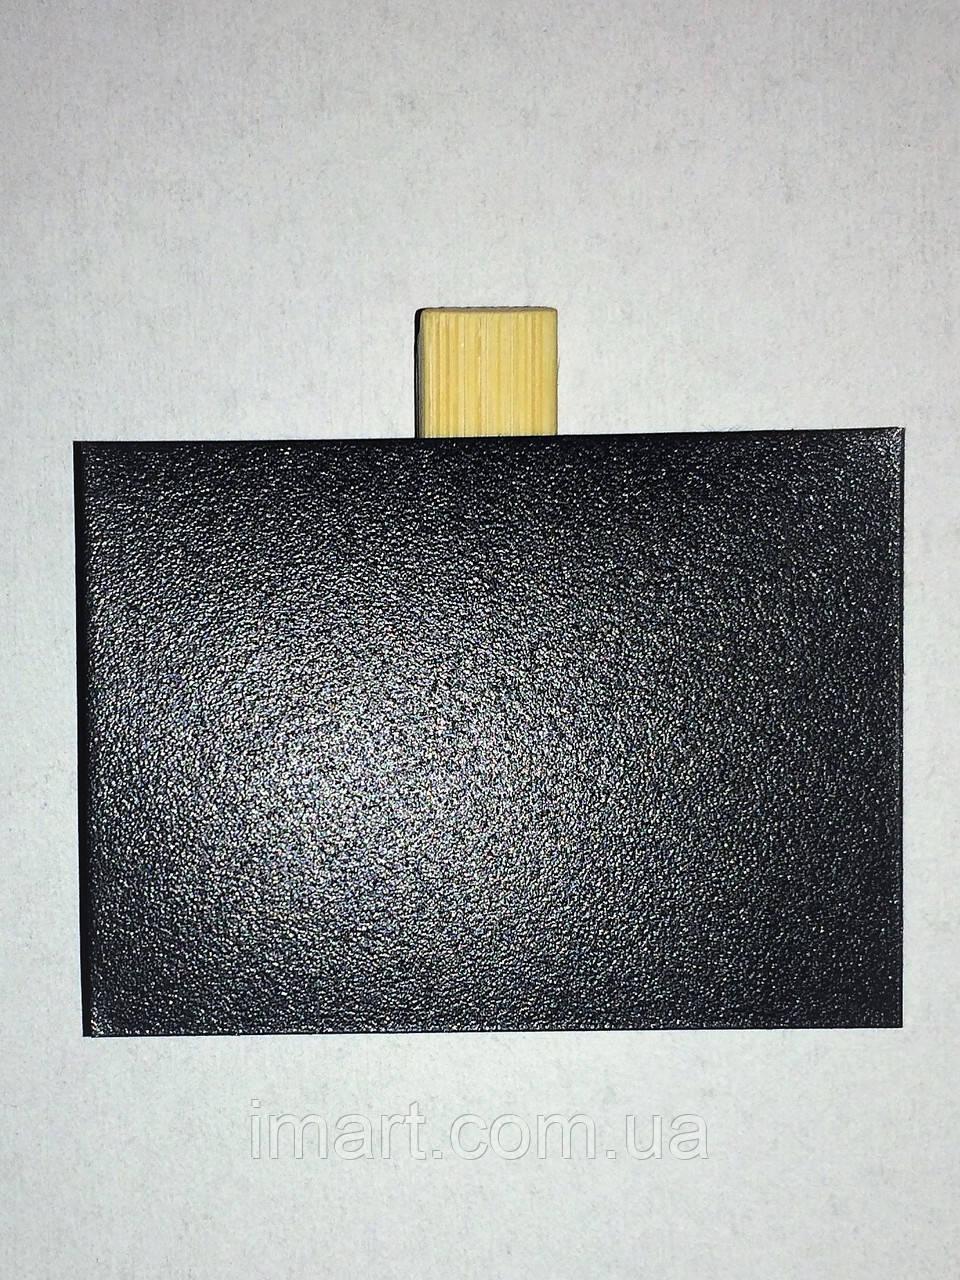 Ценник меловой 10х10 см на прищепке для мела и маркера. Грифельная табличка. Крейдовий цінник чорний